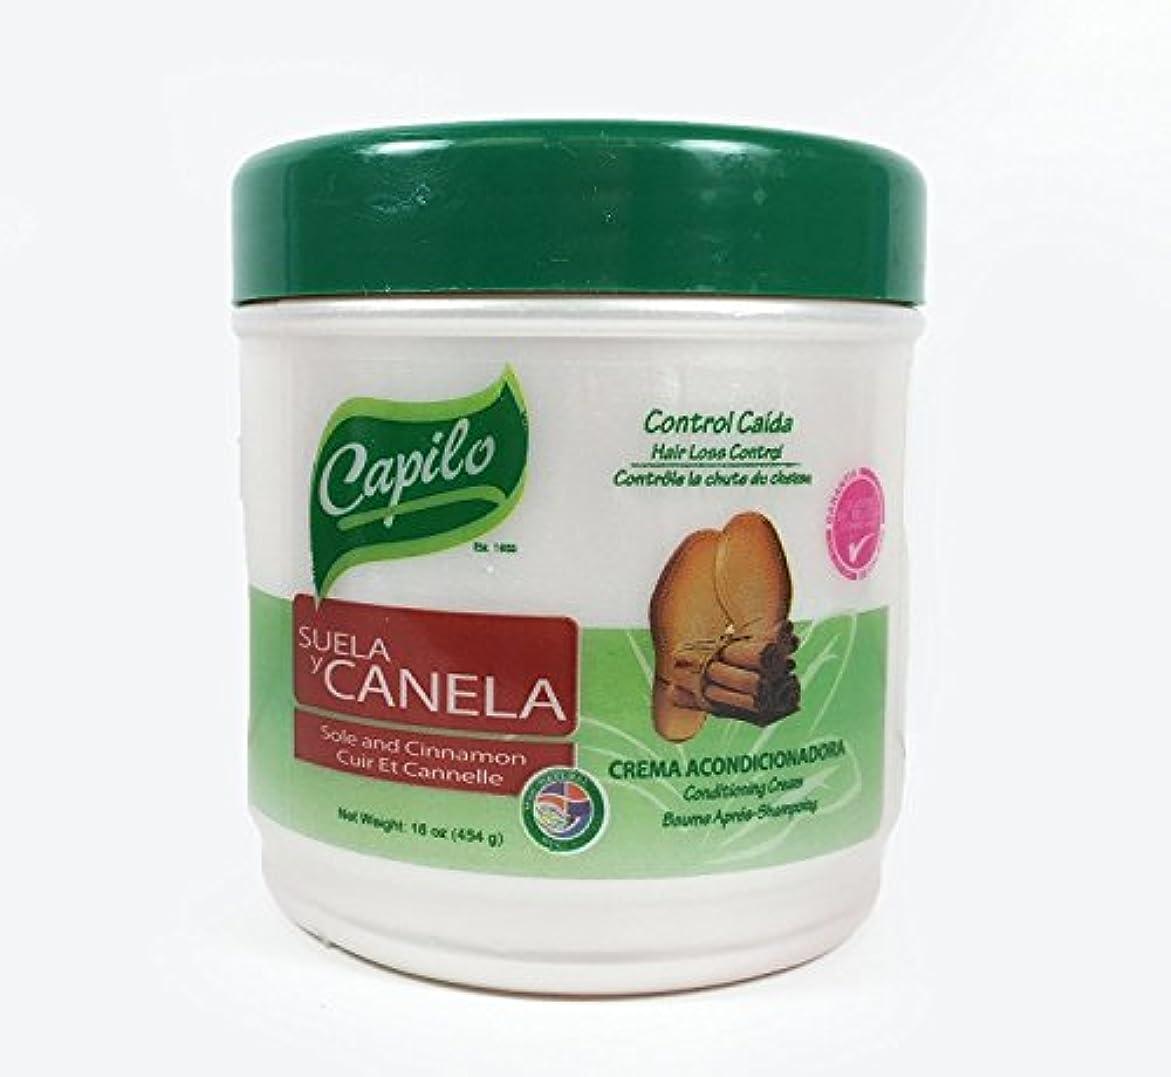 食物不潔解説Suela y Canela ヘアーコンディショナー16オズ